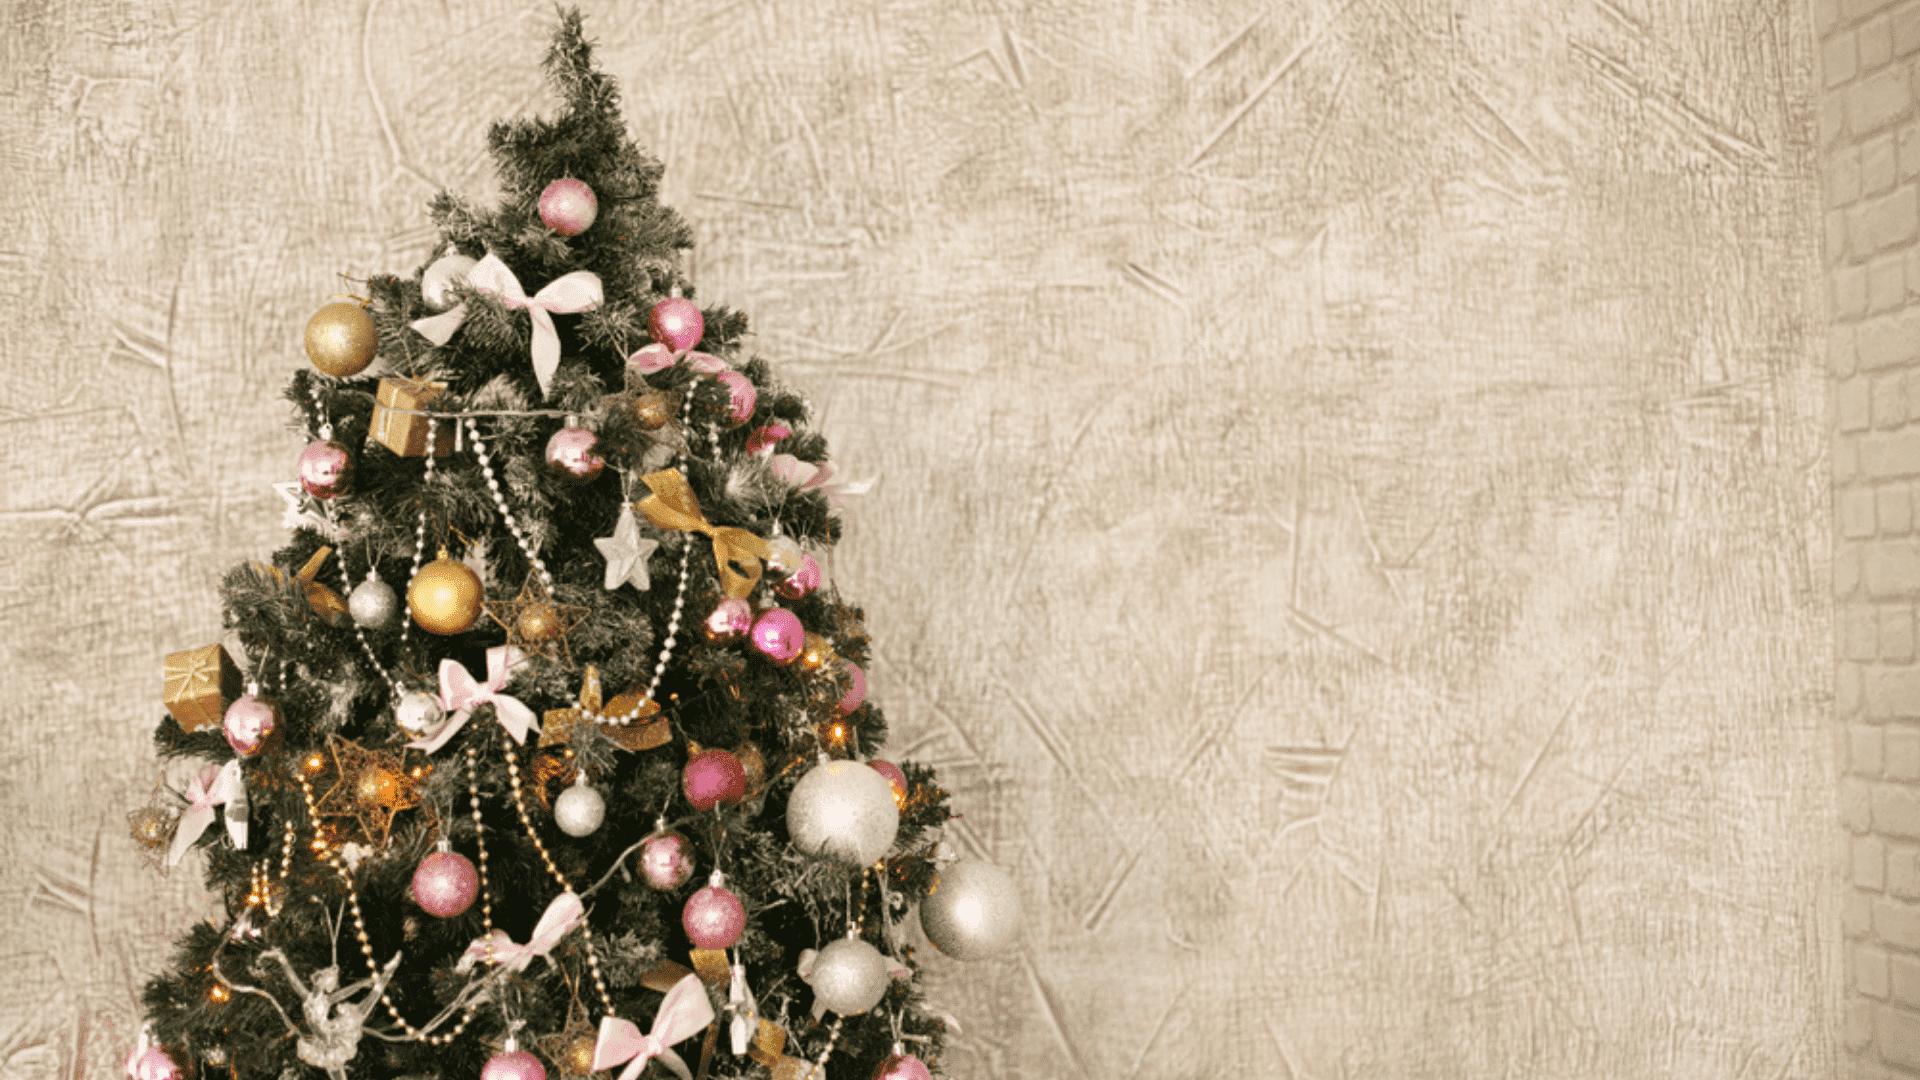 Árvore de Natal dourada e rosa (Imagem: Reprodução/Shutterstock)